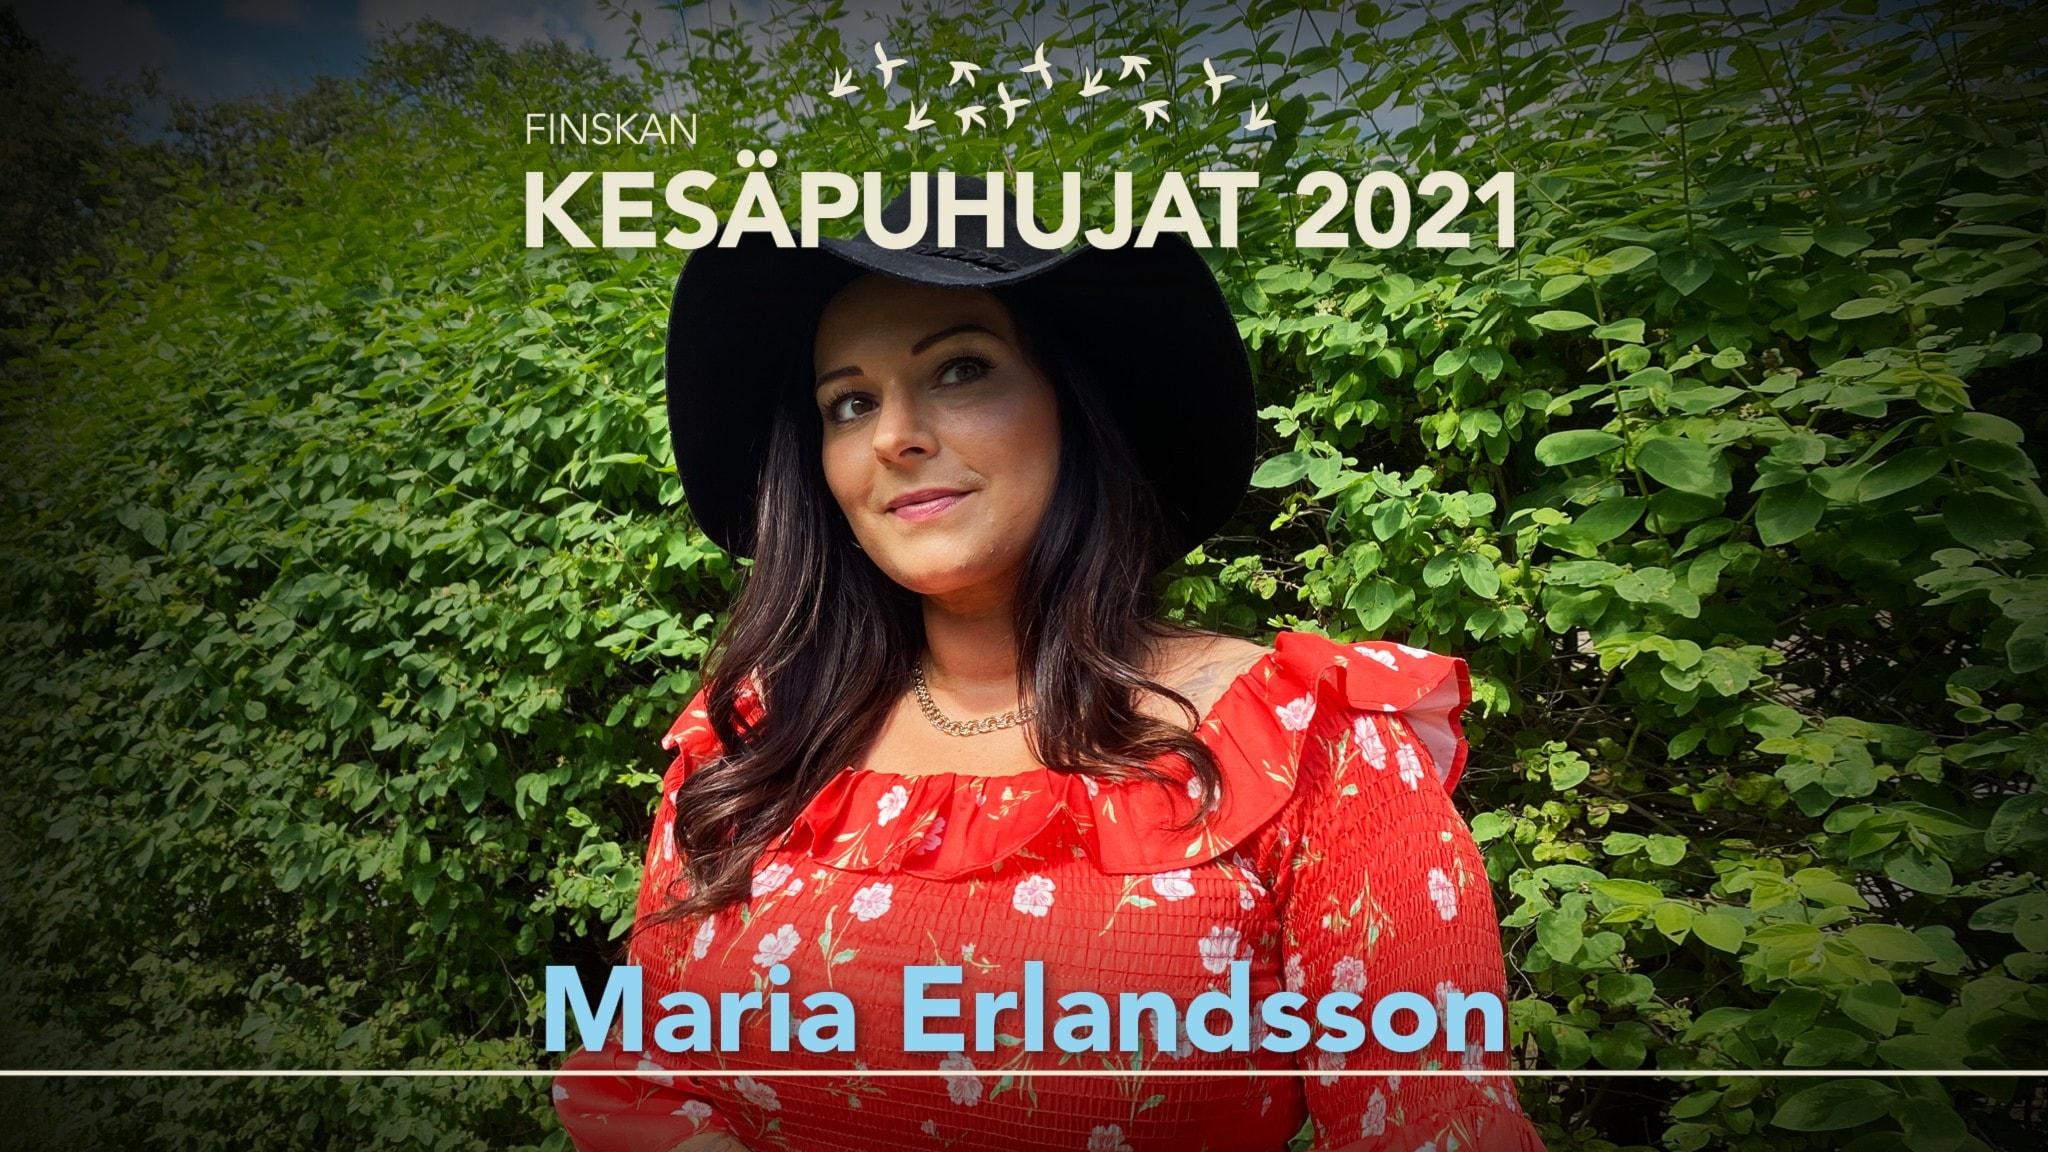 Maria Erlandsson